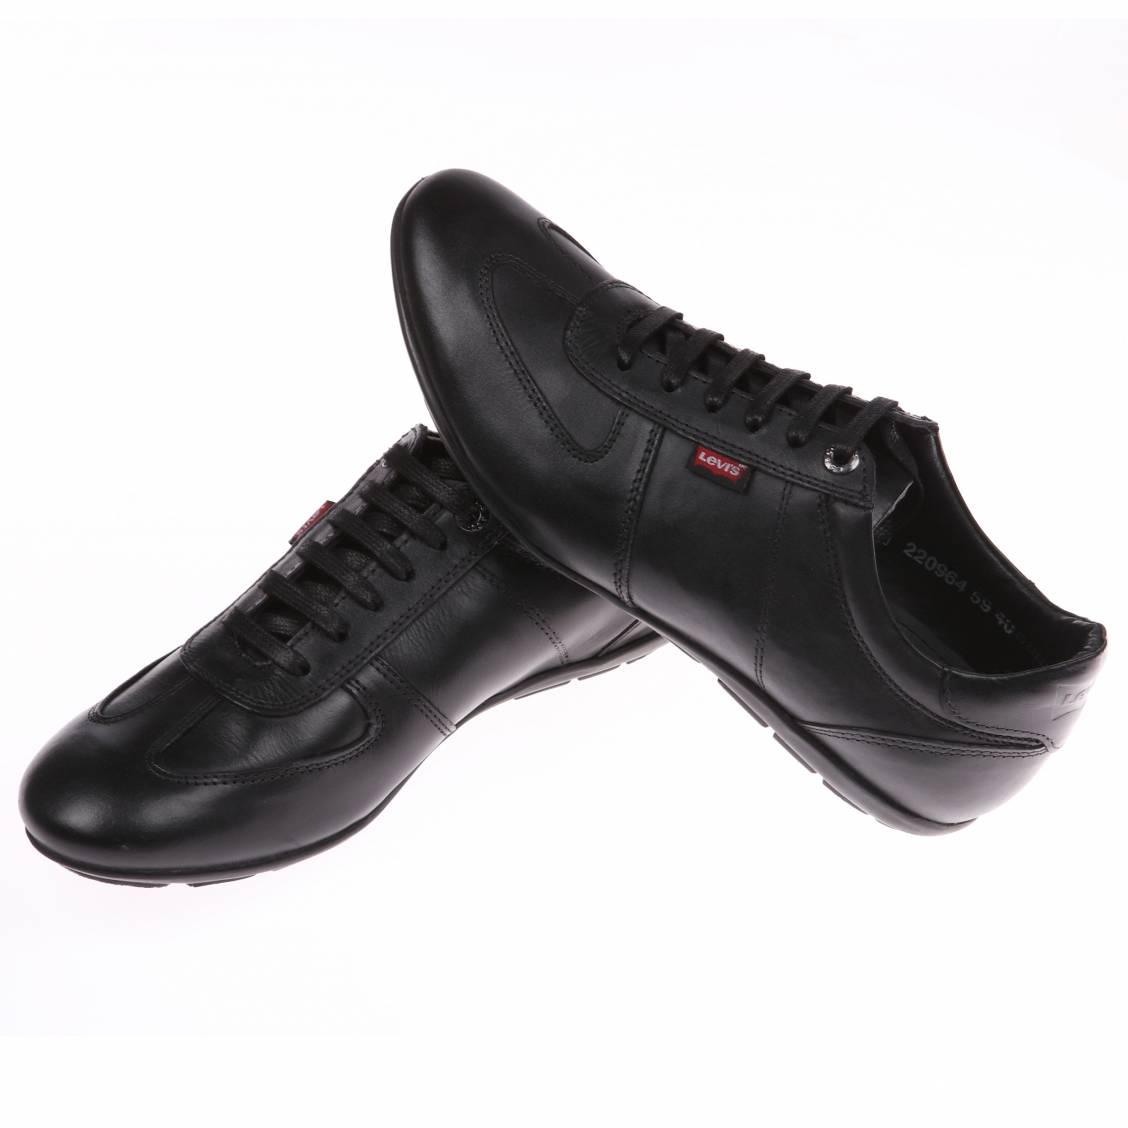 987664d44c0f chaussures levi s noir